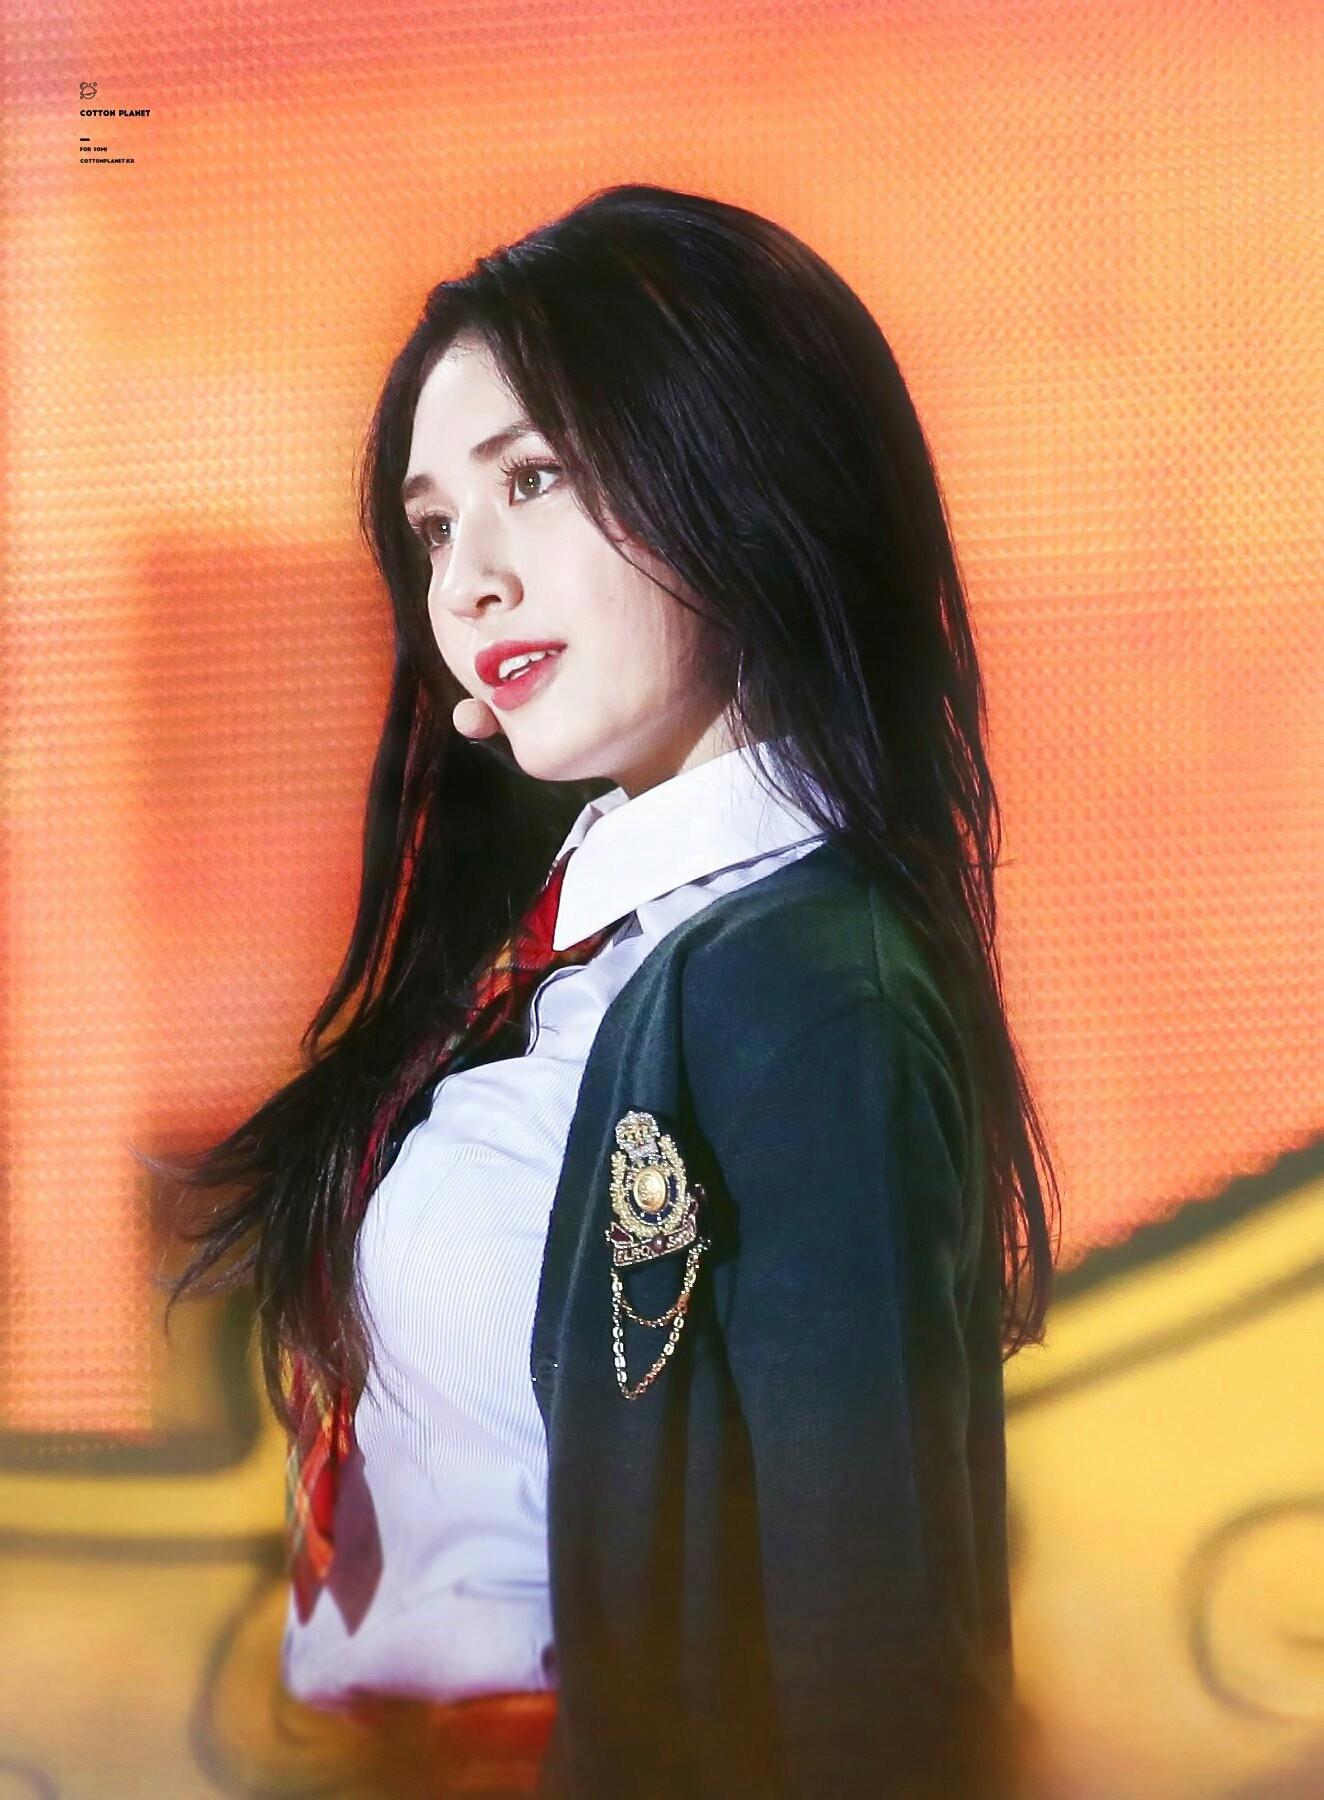 Chùm ảnh: Những công chúa, hoàng tử ngoại quốc của Kpop đẹp rực rỡ trên sân khấu (P.1) - Ảnh 60.